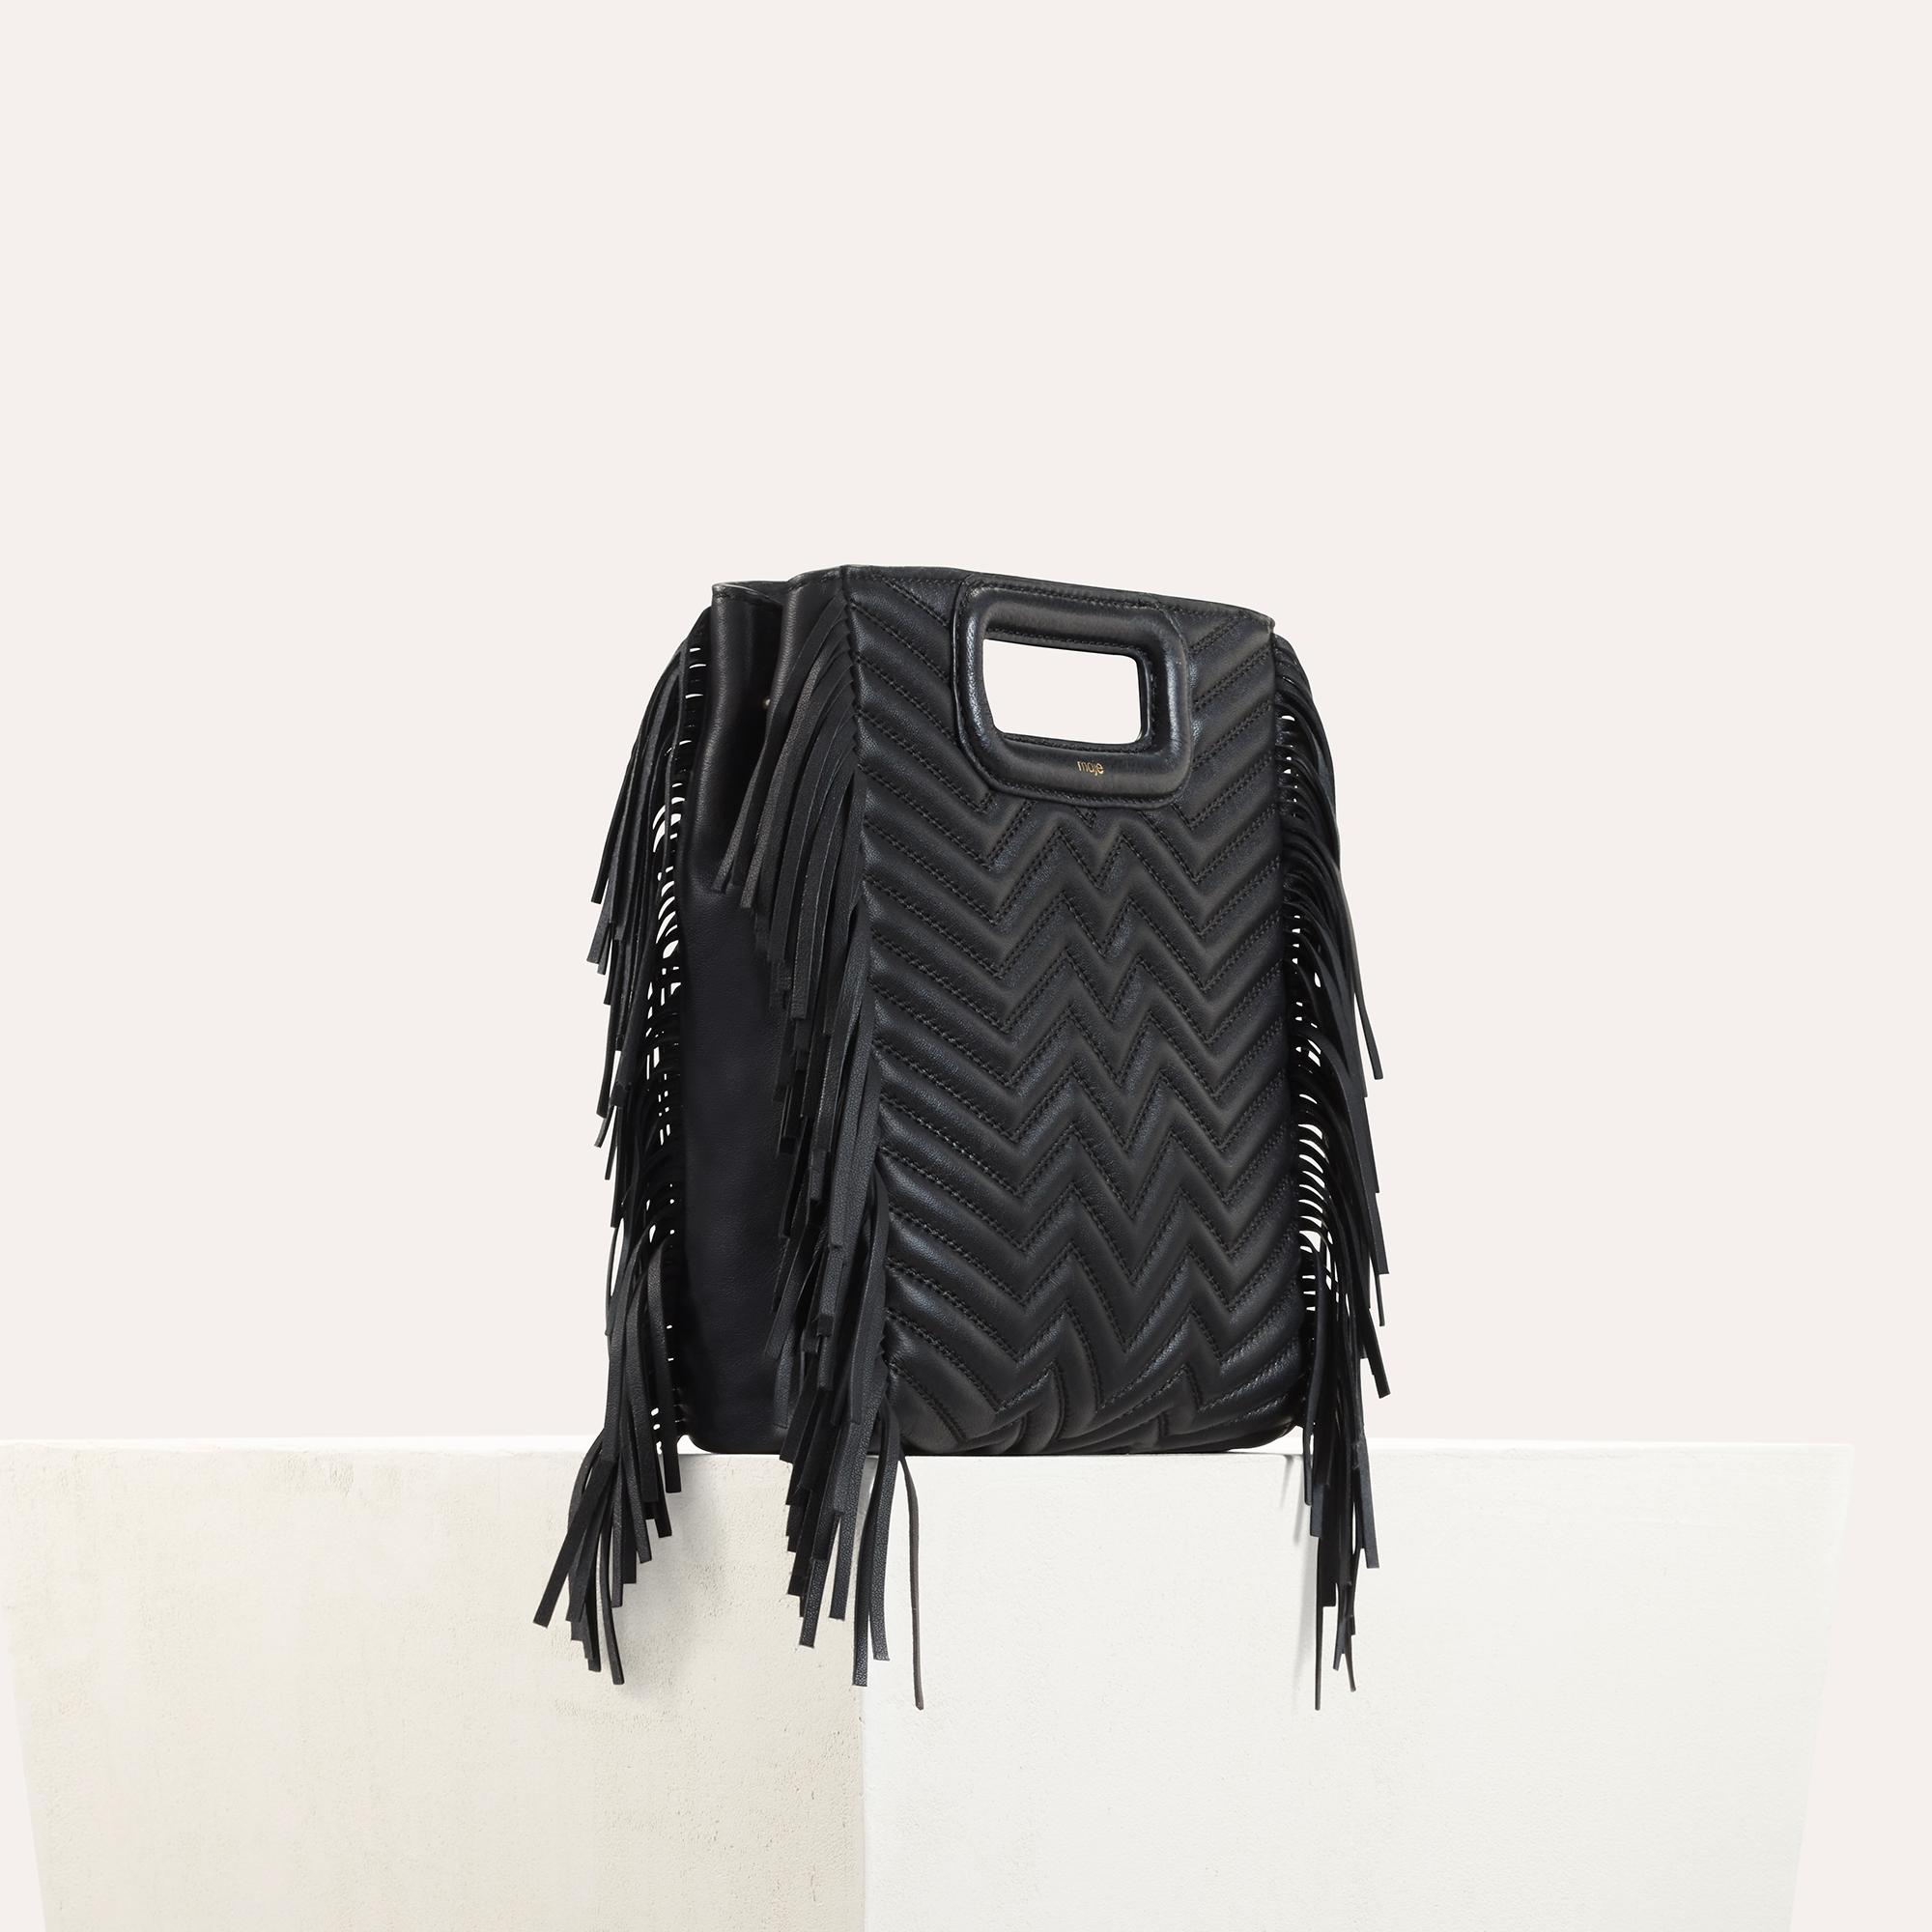 Maje Mpadded Handbag